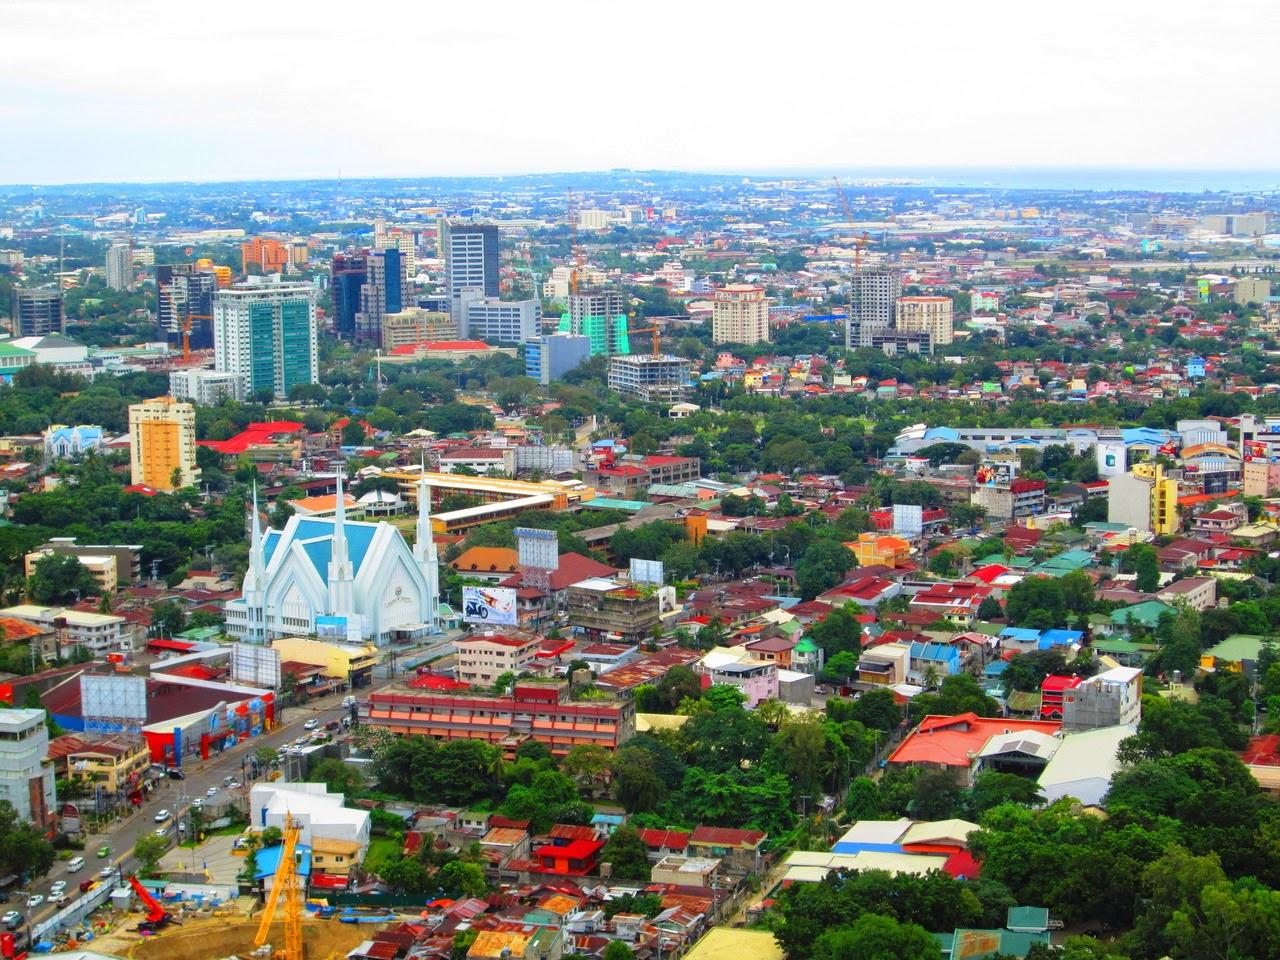 جمال مدينة سيبو Cebu City الفليبينية